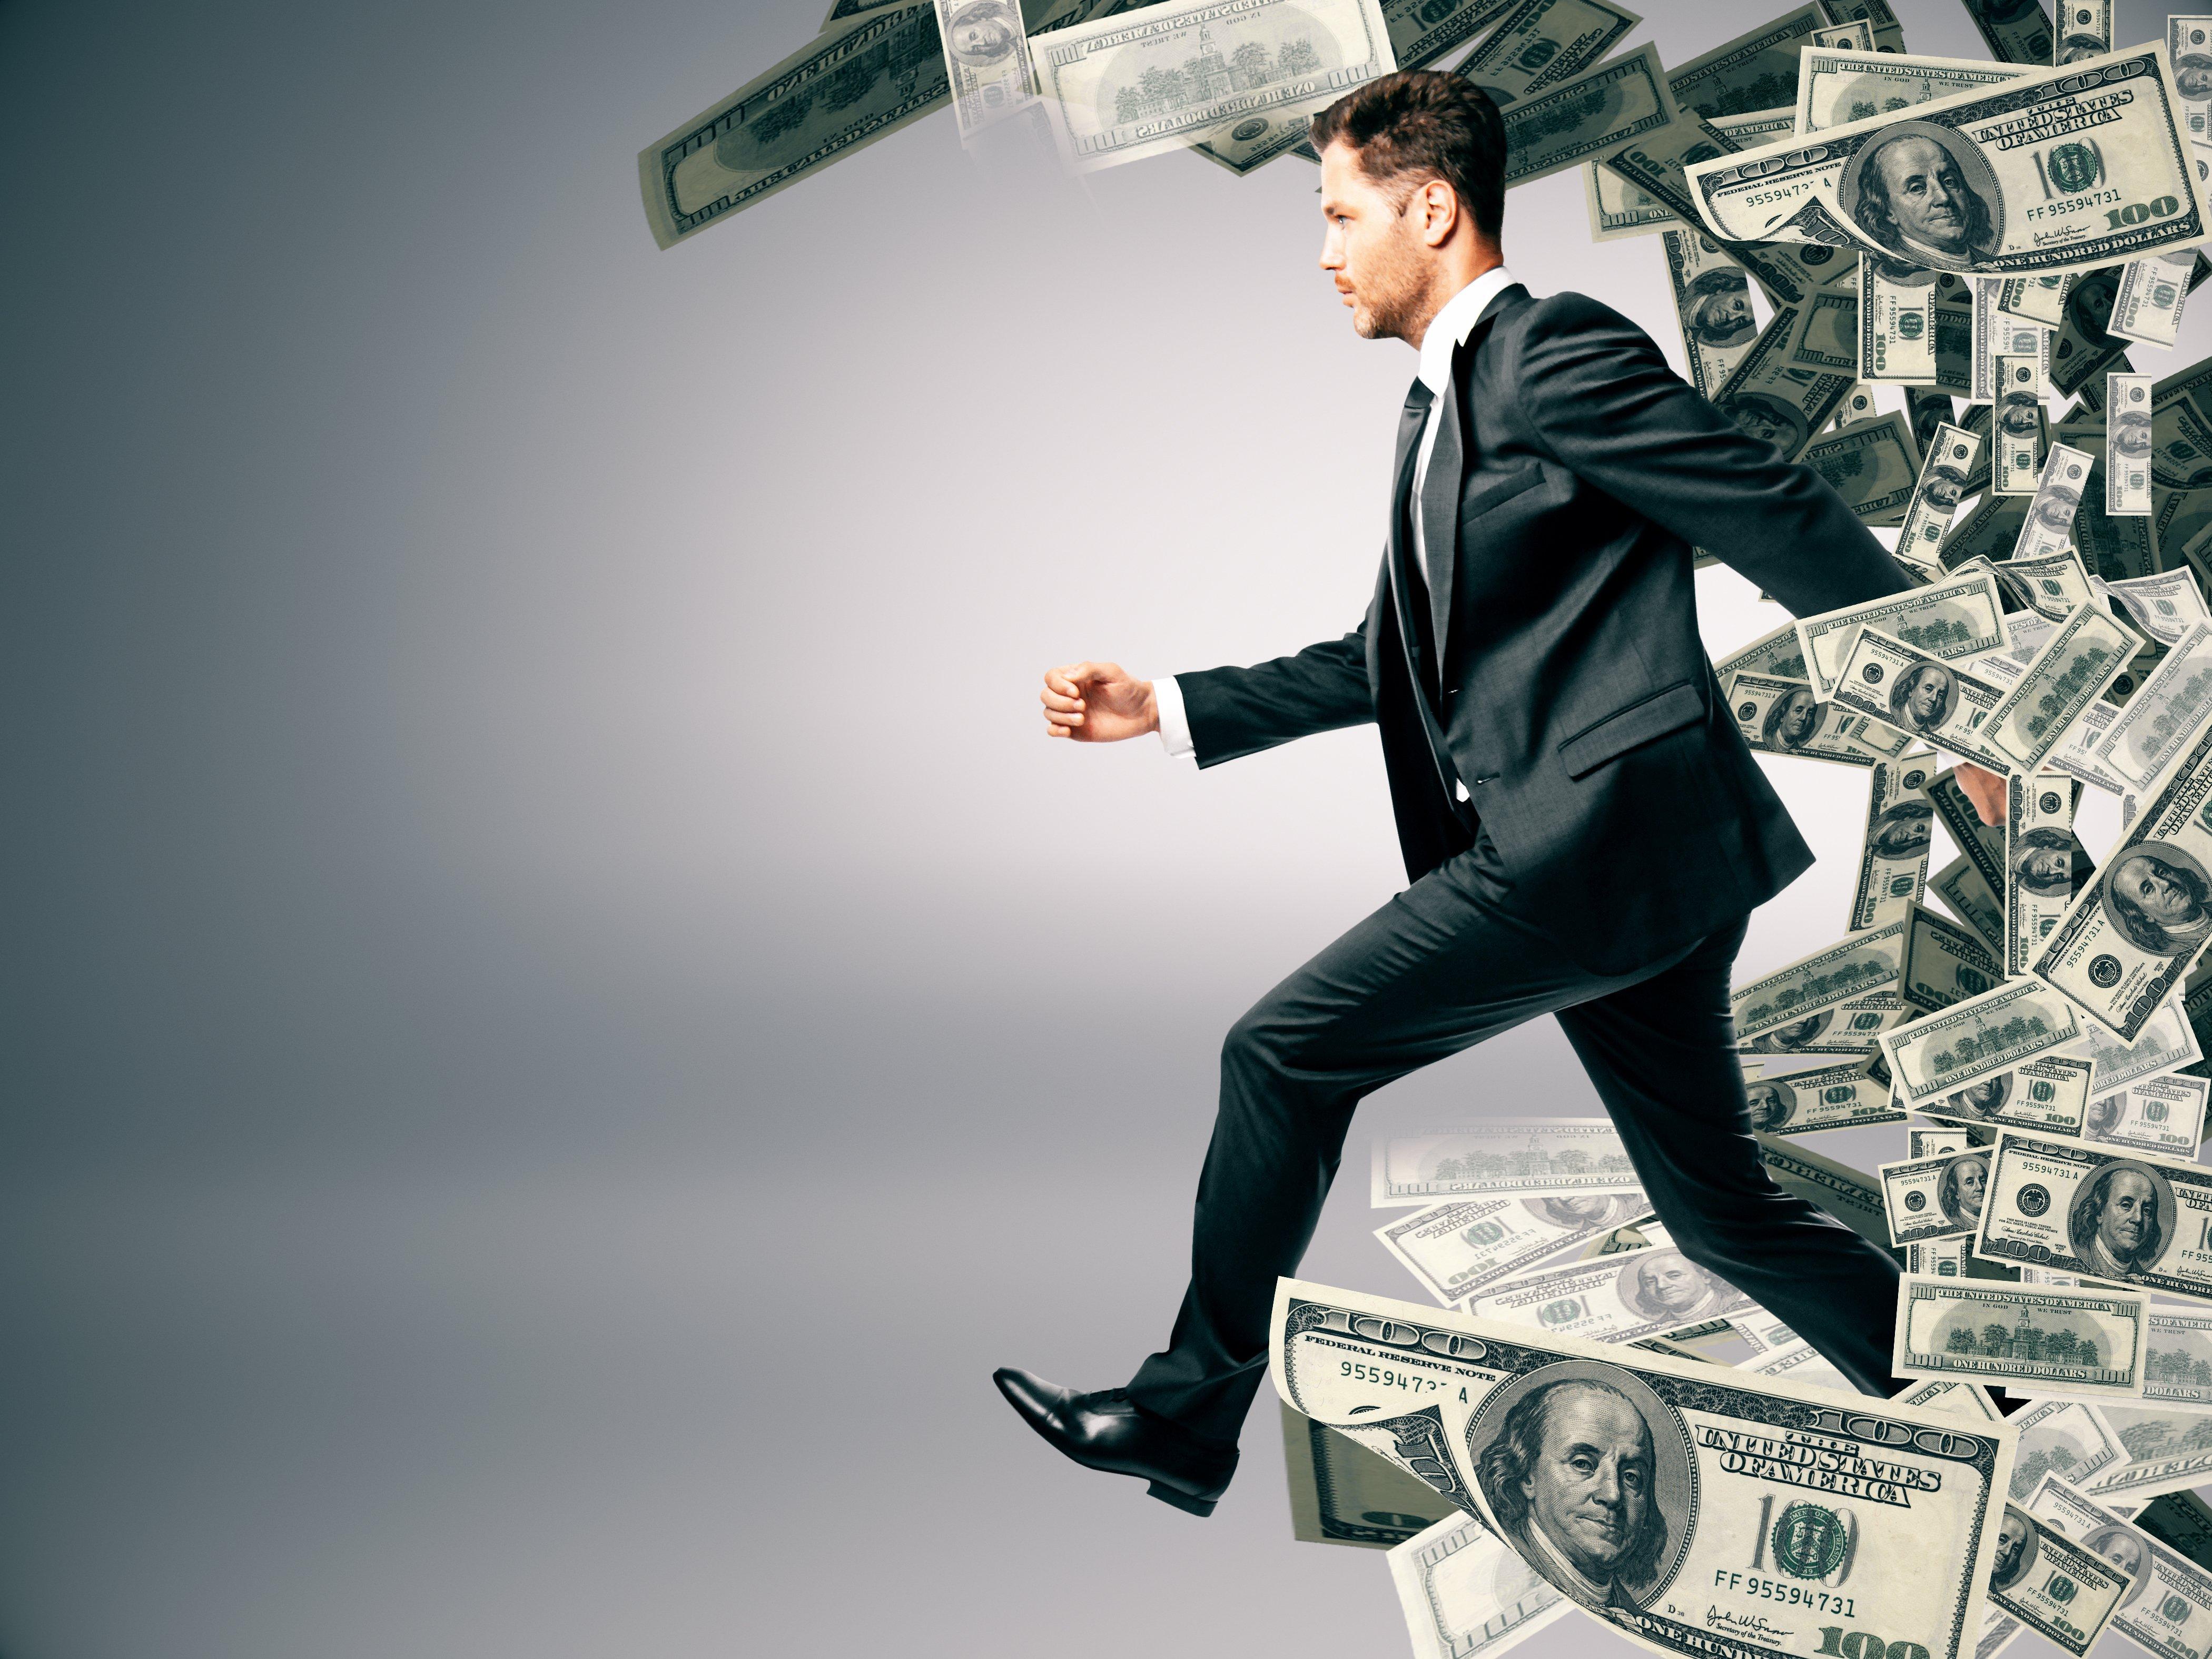 Diventerò ricco grazie al Trading? … Probabilmente no.